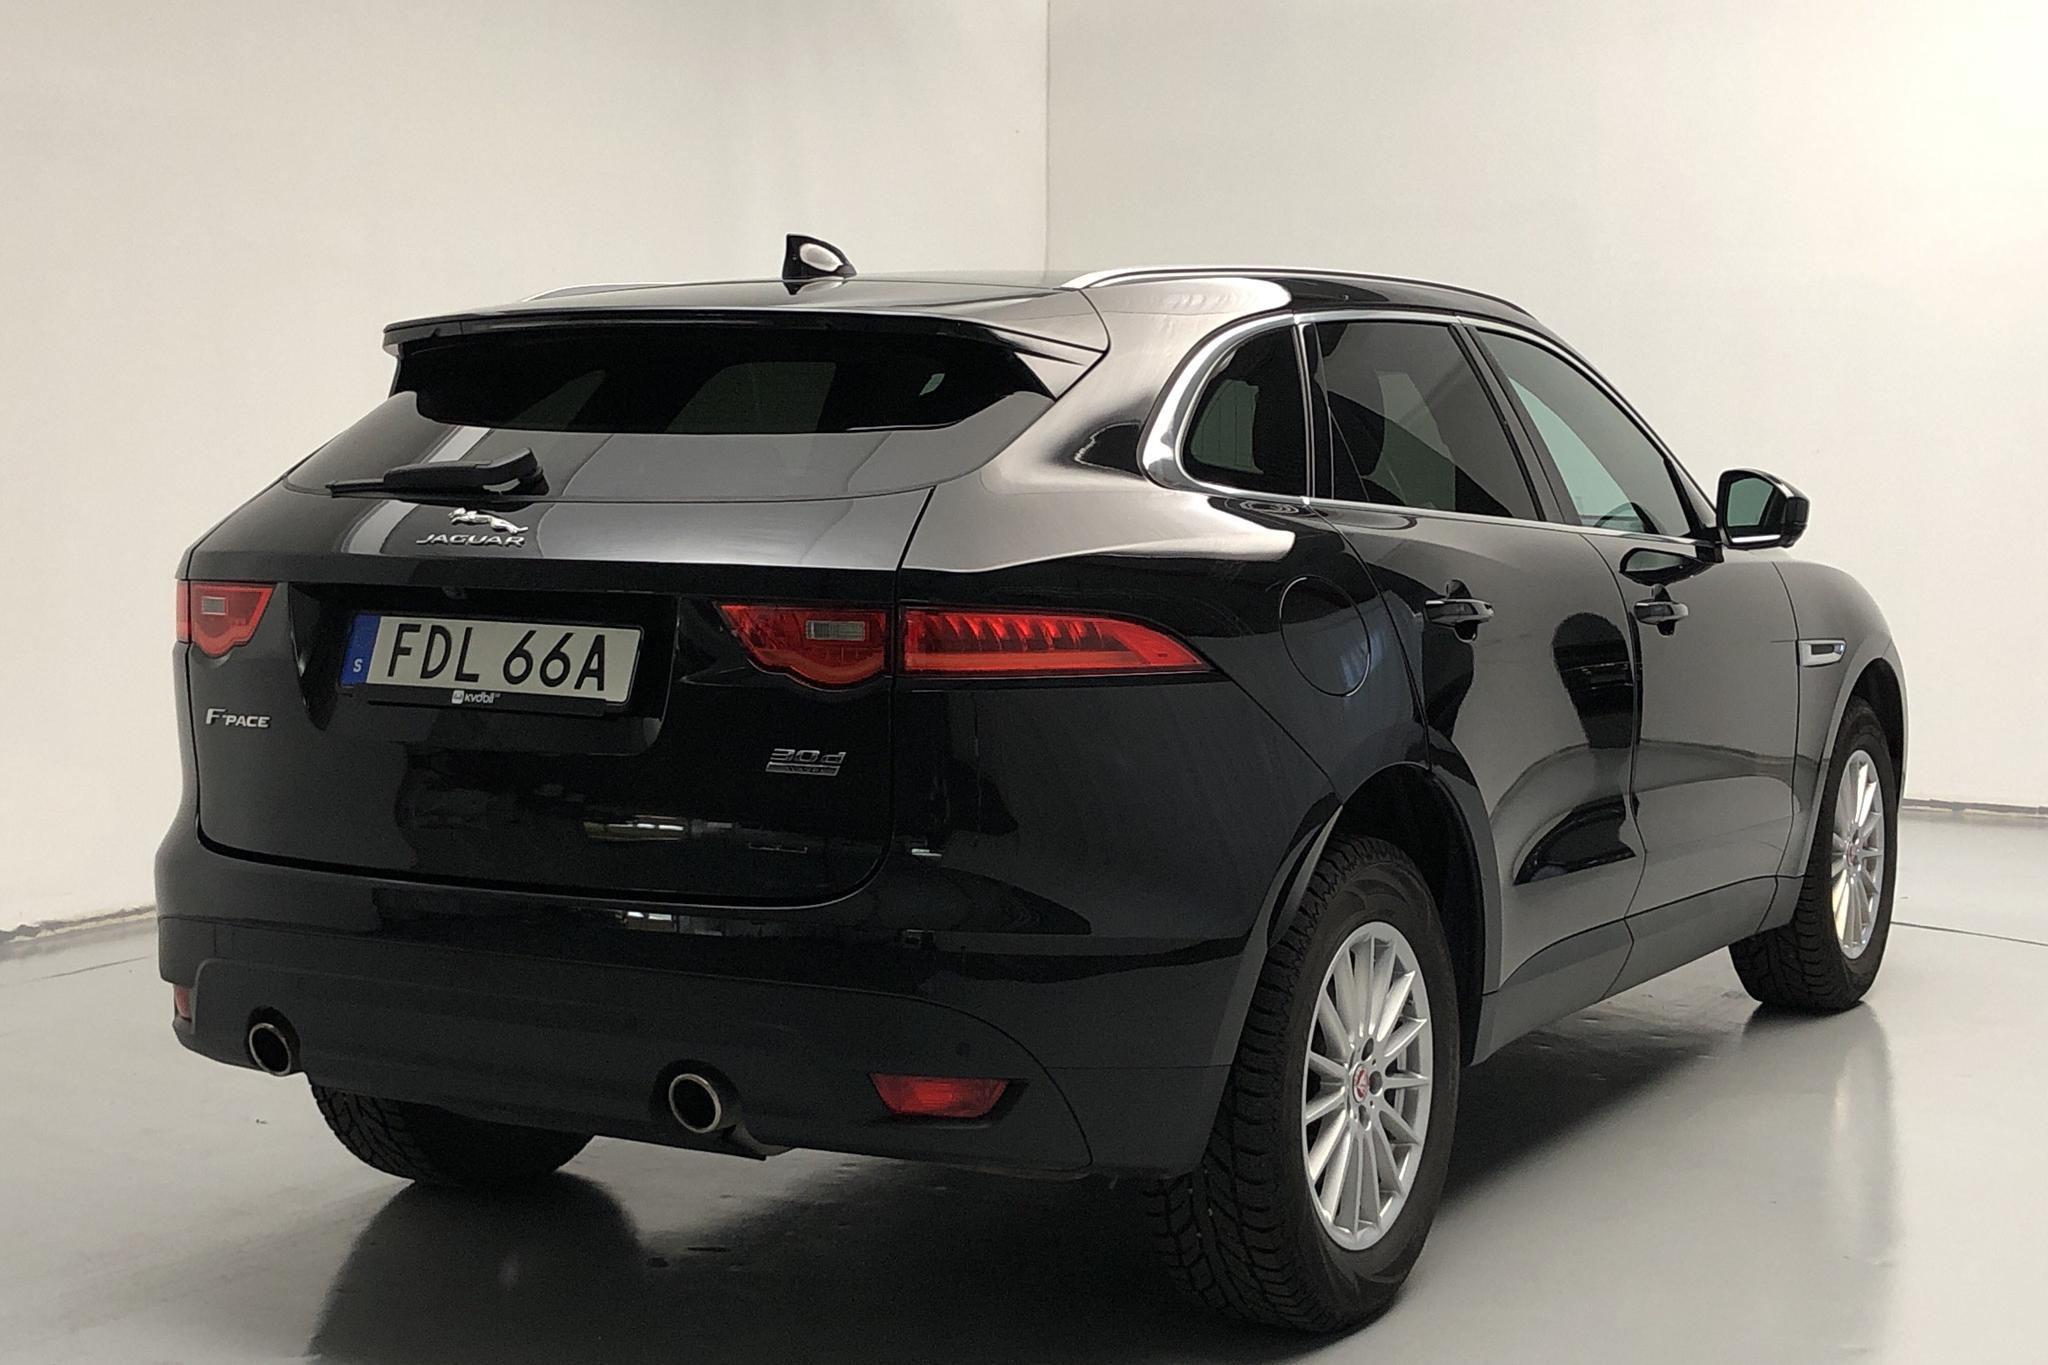 Jaguar F-Pace 3.0D V6 AWD (300hk) - 2 988 mil - Automat - svart - 2020